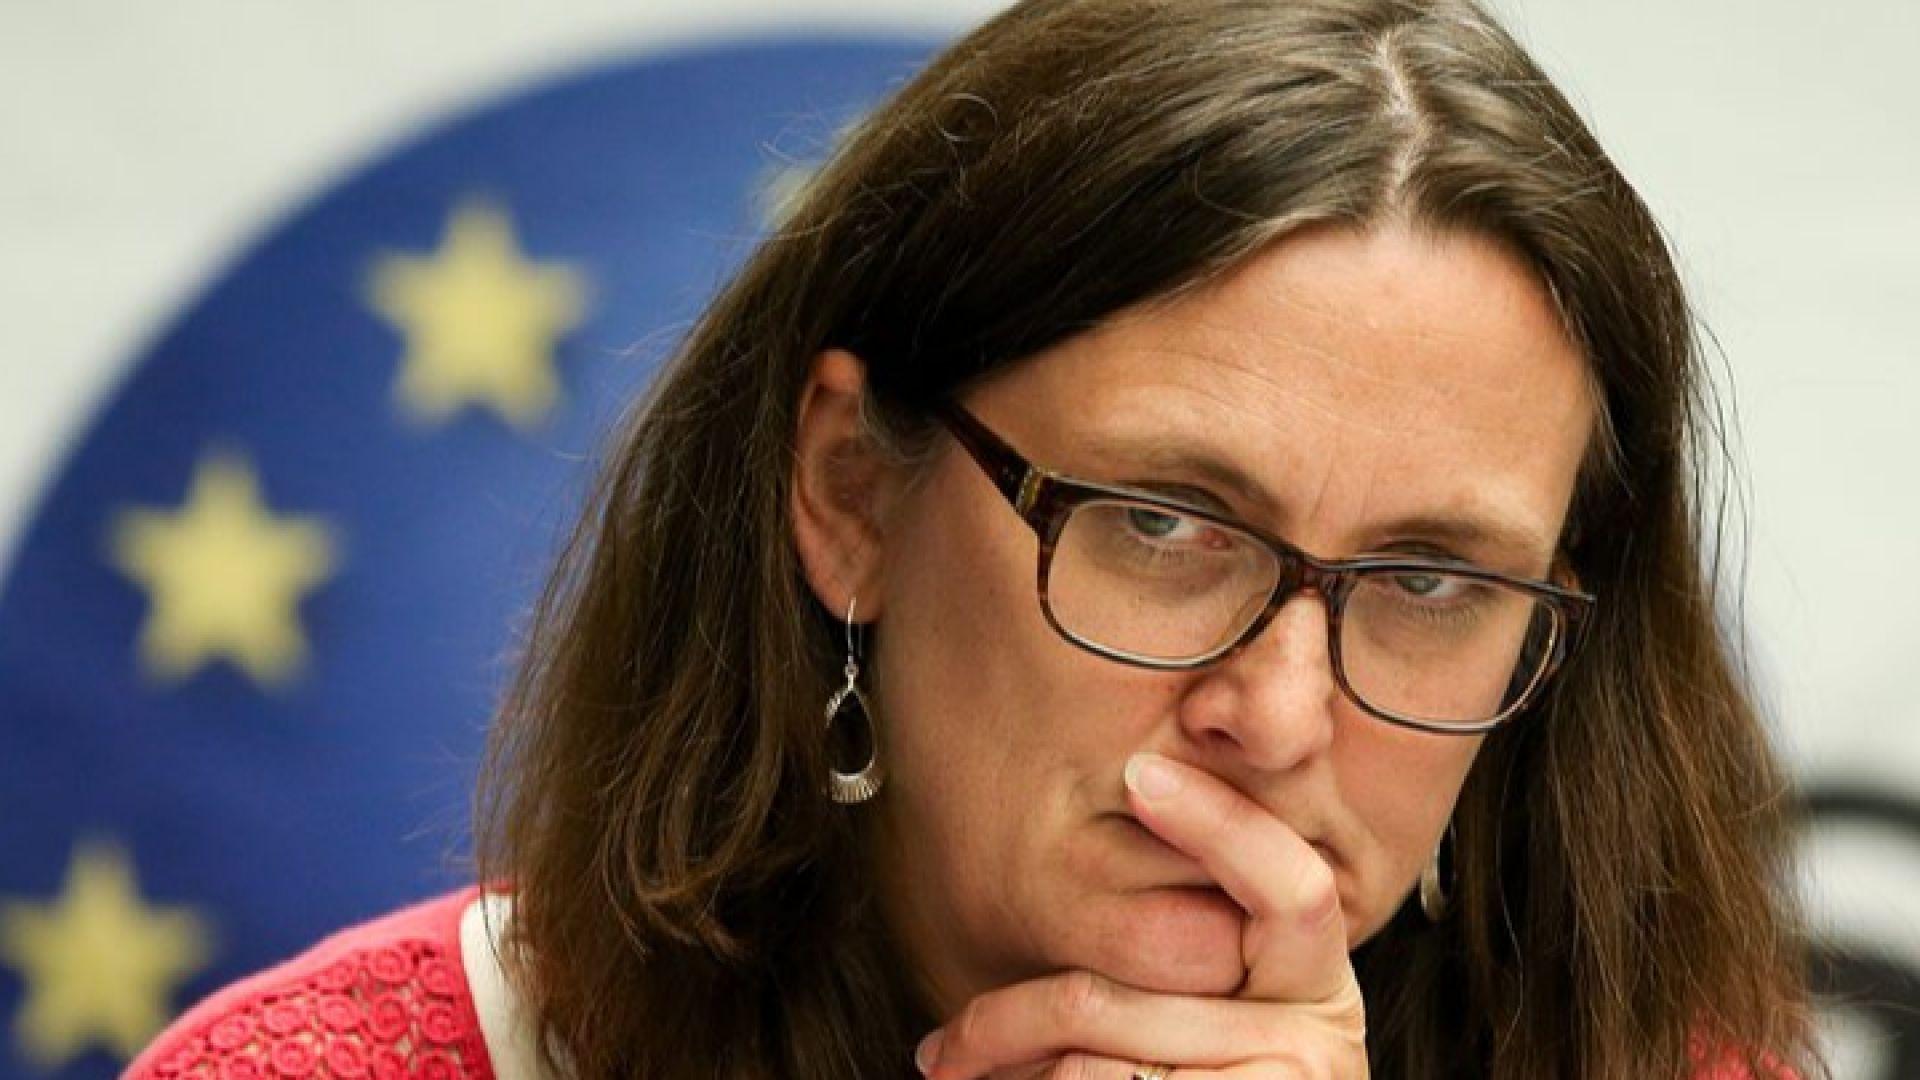 ЕС е готов да включи автомобилите при евентуална сделка със САЩ